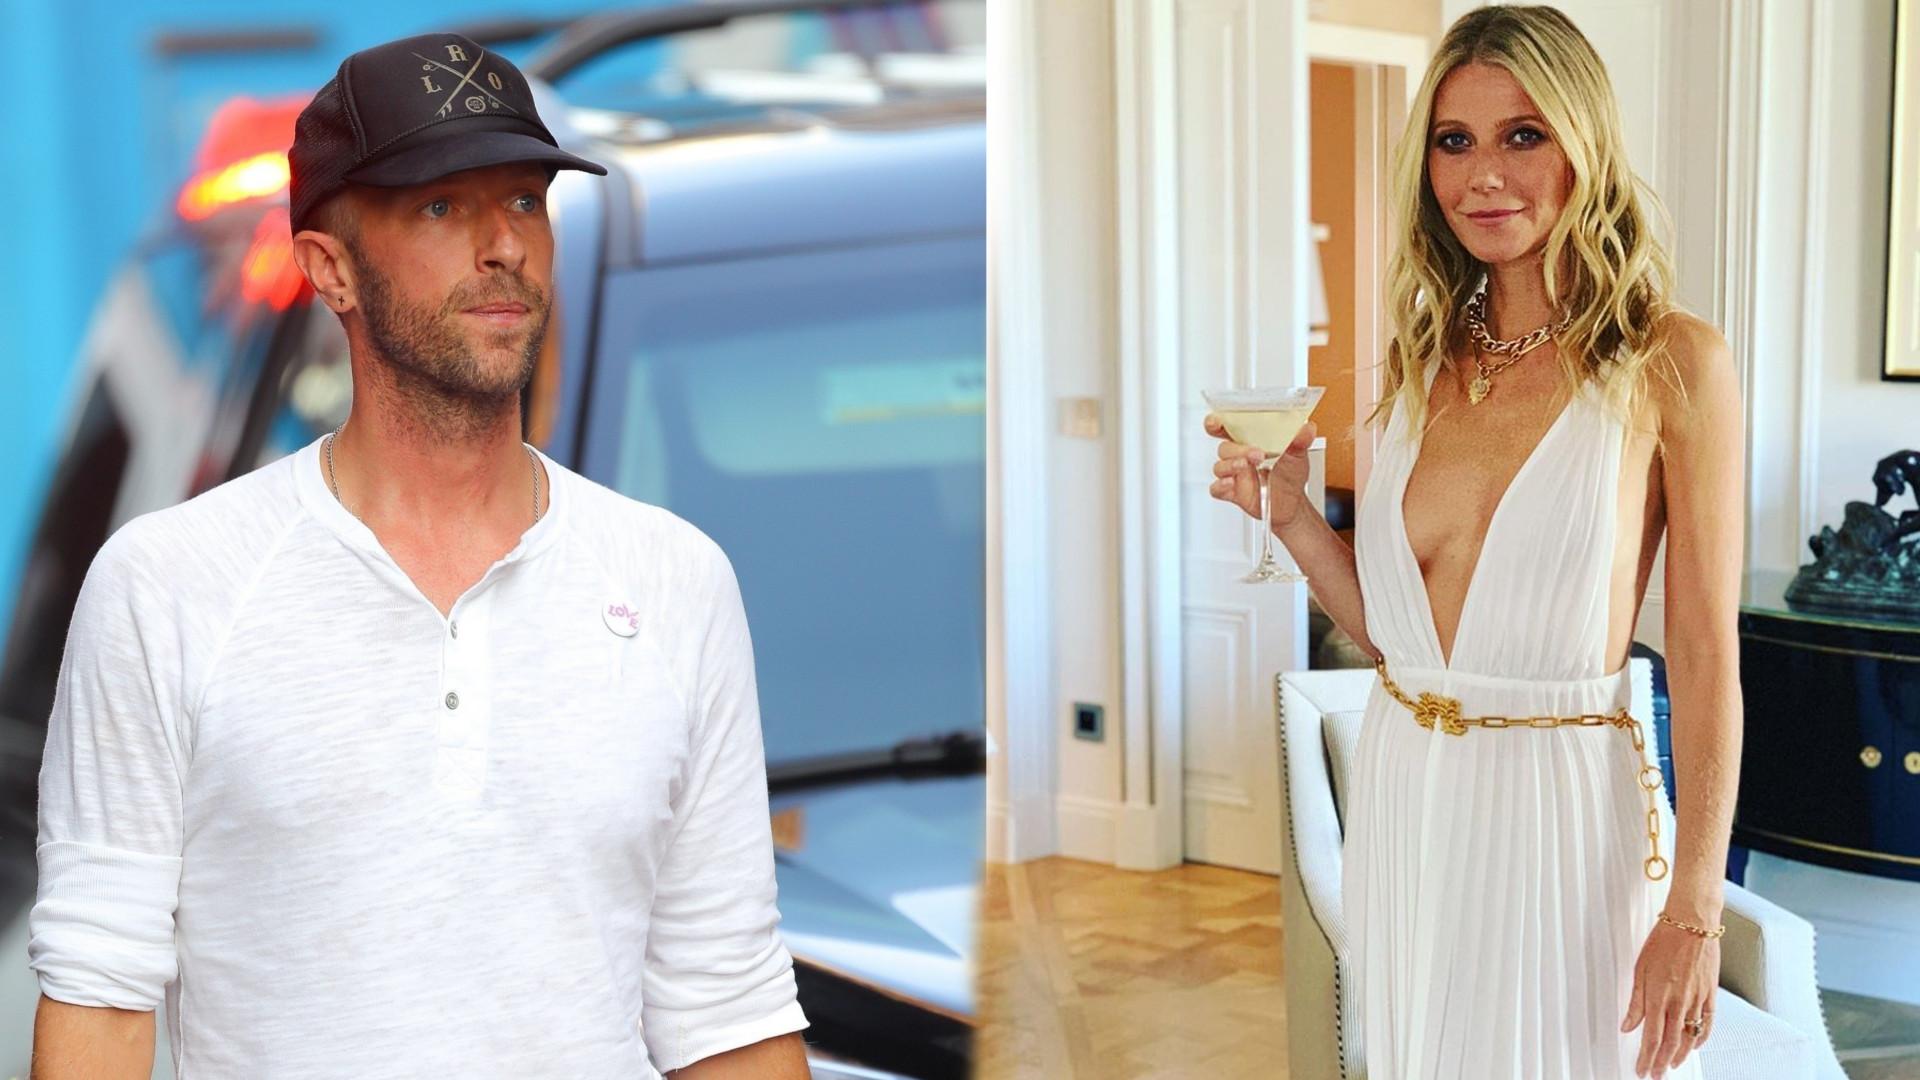 To DZIWNE czy normalne? Gwyneth Paltrow naprawia związek byłego męża z Dakotą Johnson